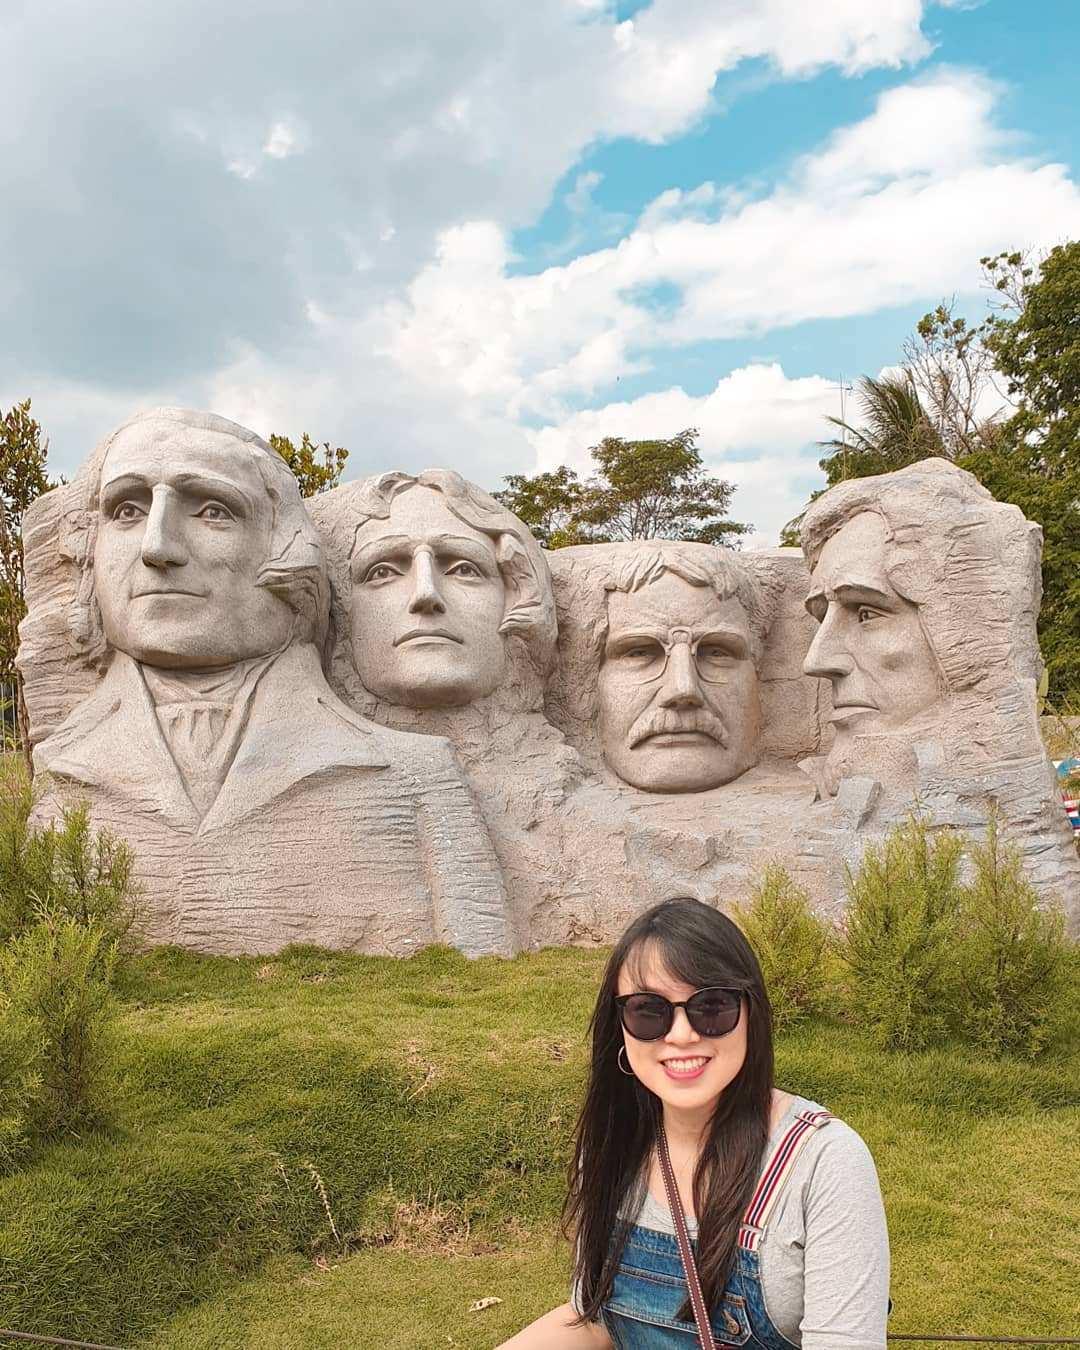 Berfoto Dengan background Gunung Rushmore di Taman Mini Mania, Image From @jane.felicia